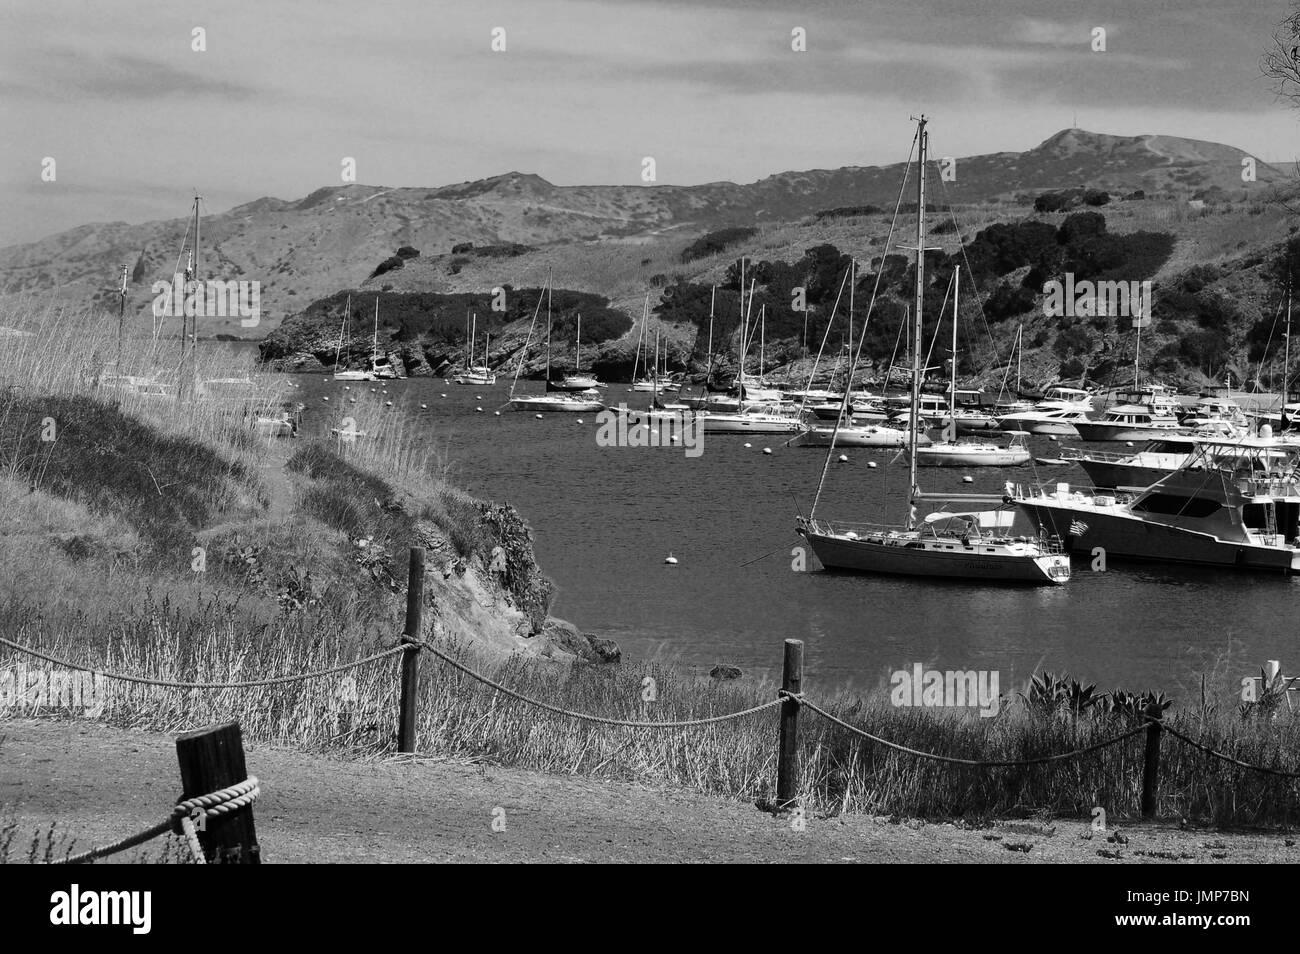 Boats in harbor, Santa Catalina Island, California - Stock Image